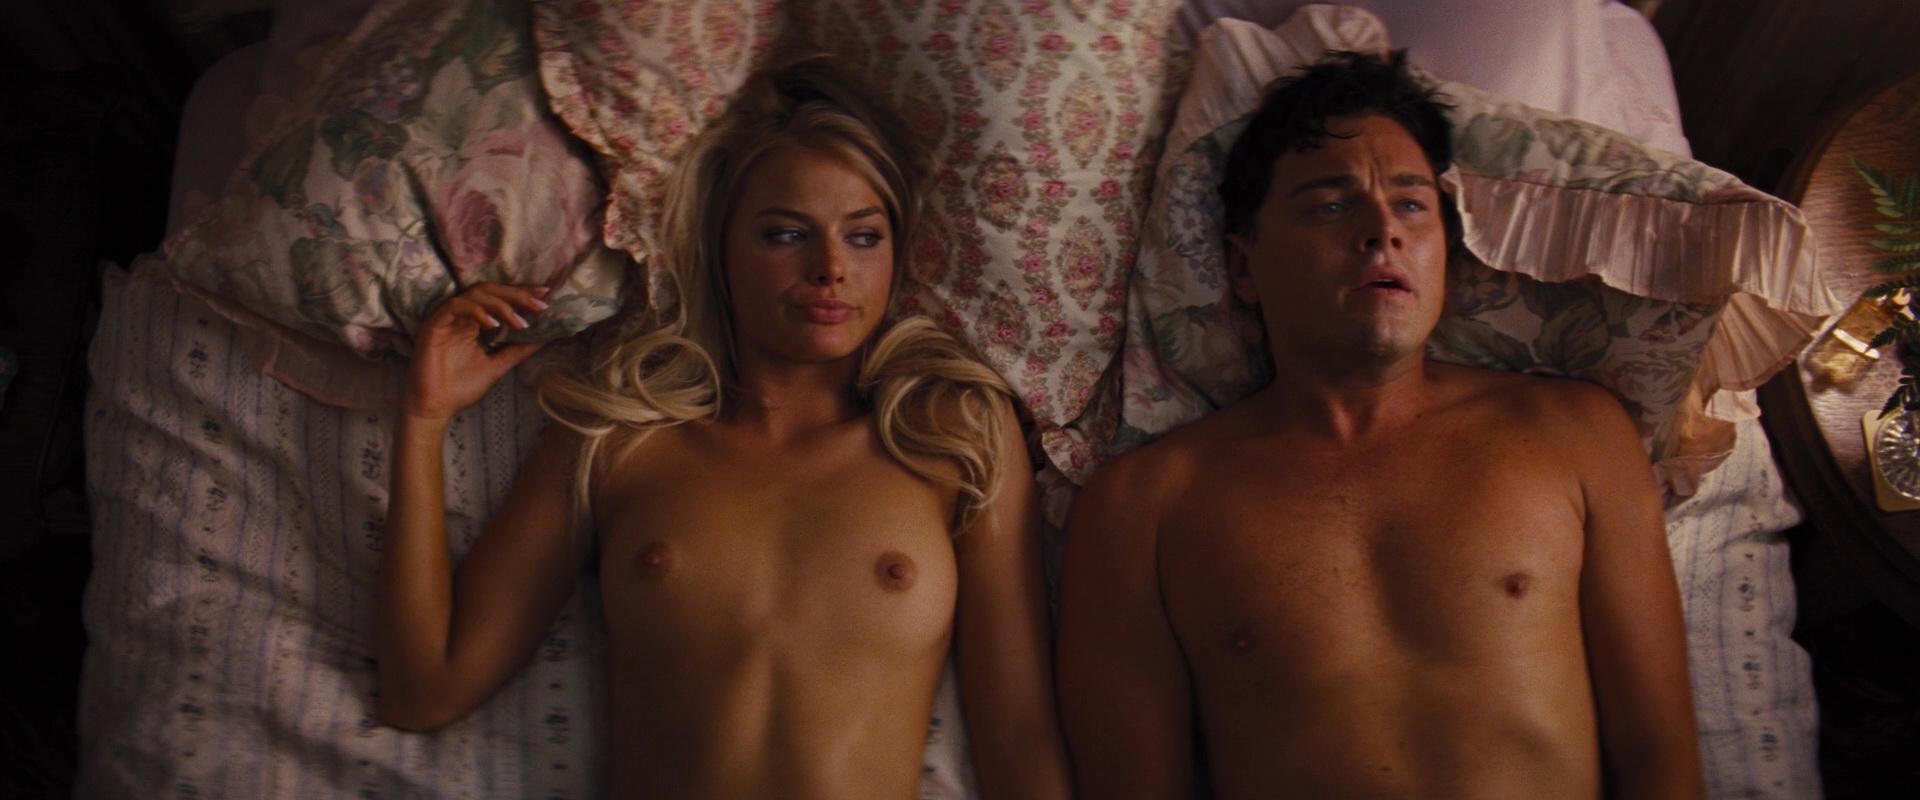 video porno de Margot Robbie